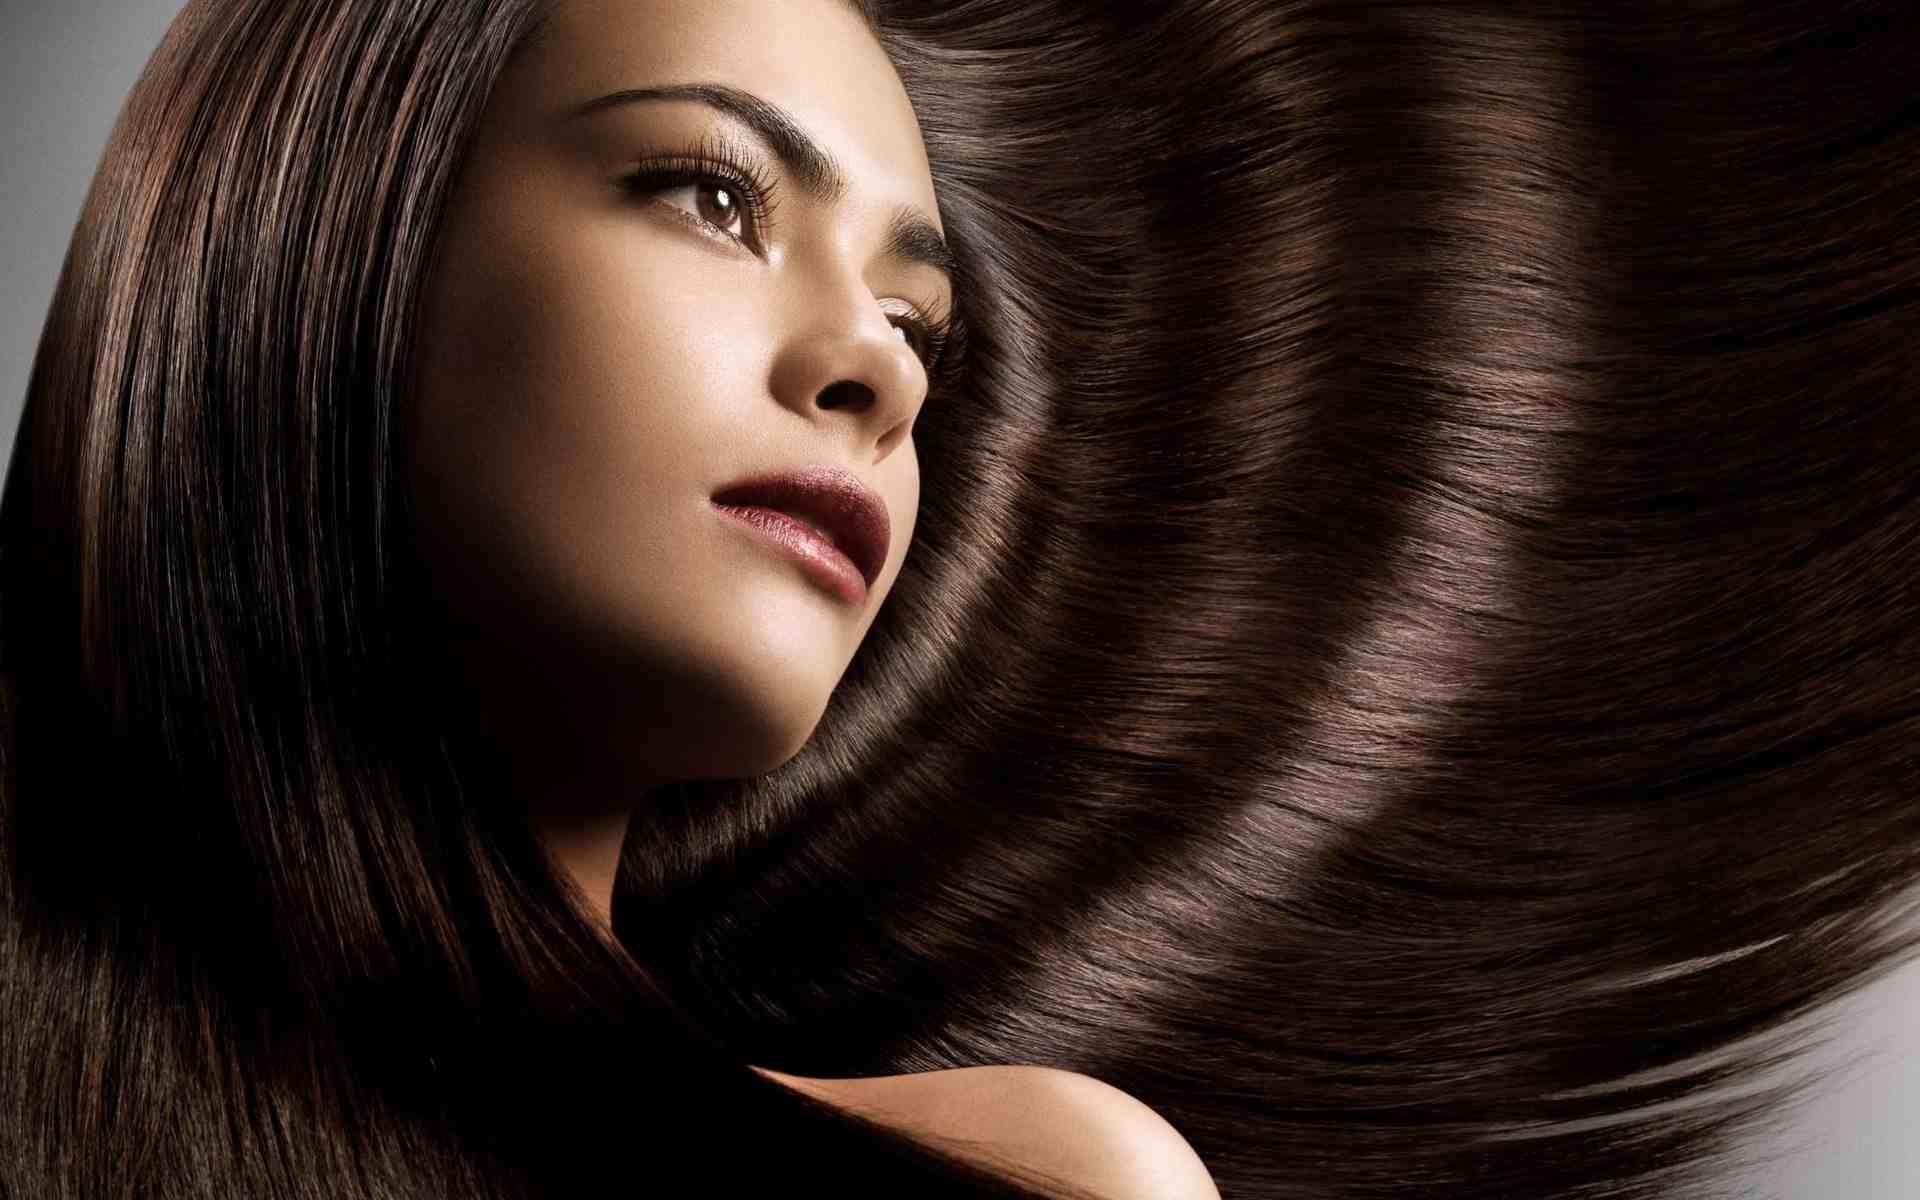 l'aide cheveux l'undercut ceux Pour courtes longs de qui à préfèrent aussi d'un cardigan toujours attachés cheval les queue est coupes tendance en 404gqrw